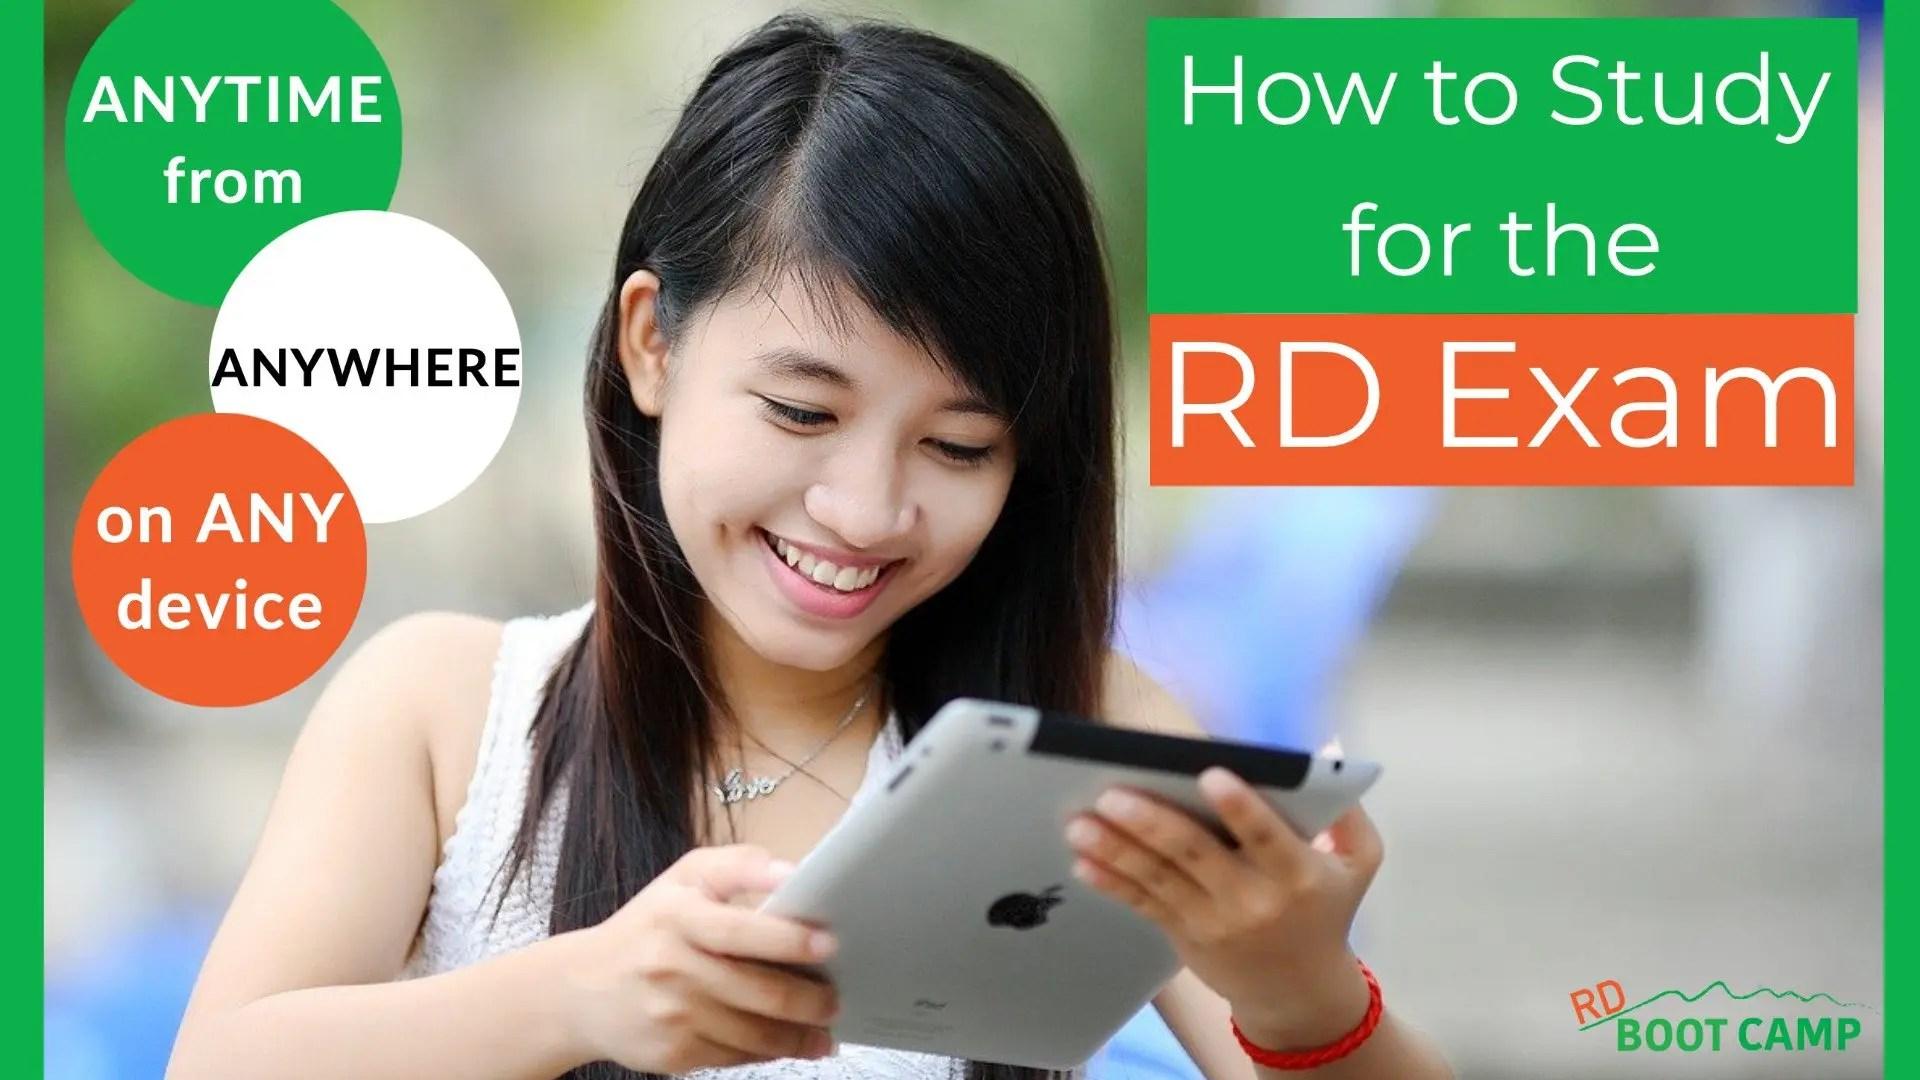 How do I study for the RD exam